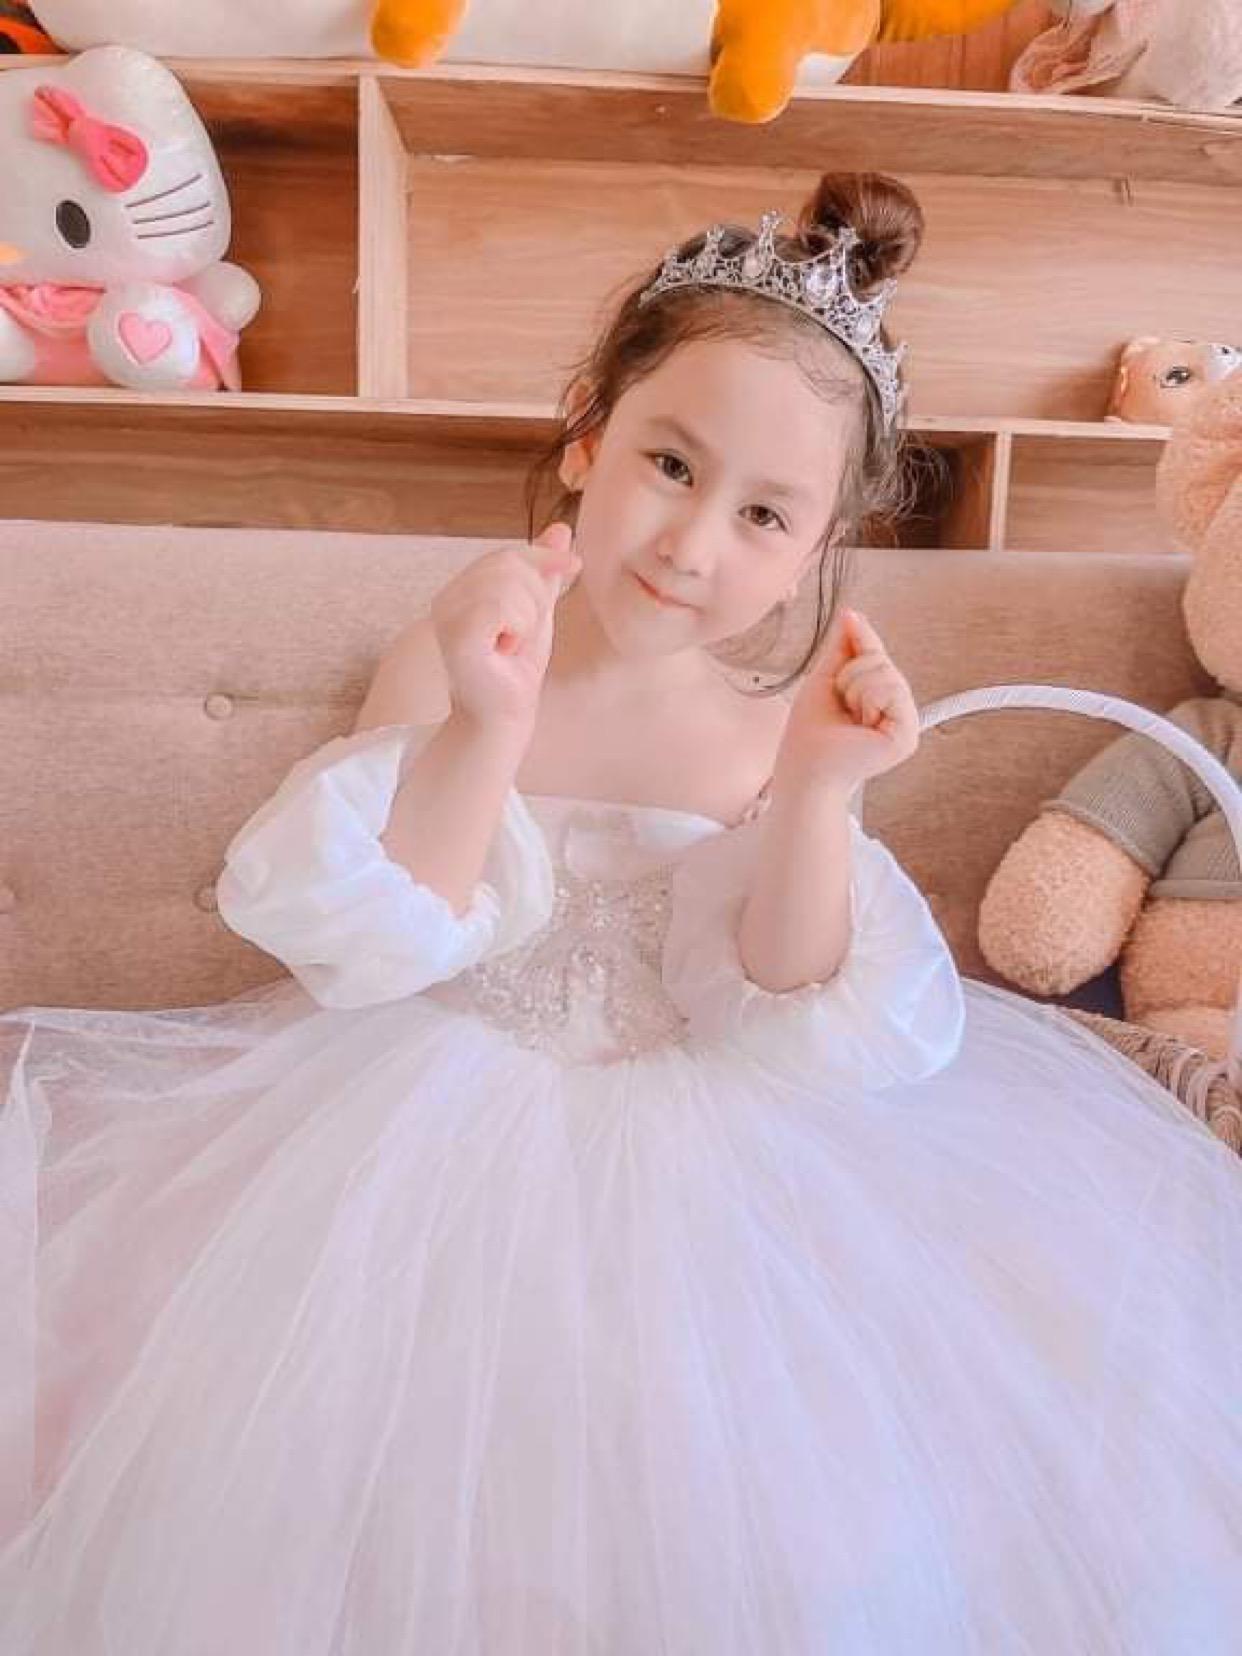 e3d908c6 ad44 41d9 ace1 8fcc709f7dd0 16322314857621085112509 Tan chảy với những nàng công chúa tí hon siêu đáng yêu